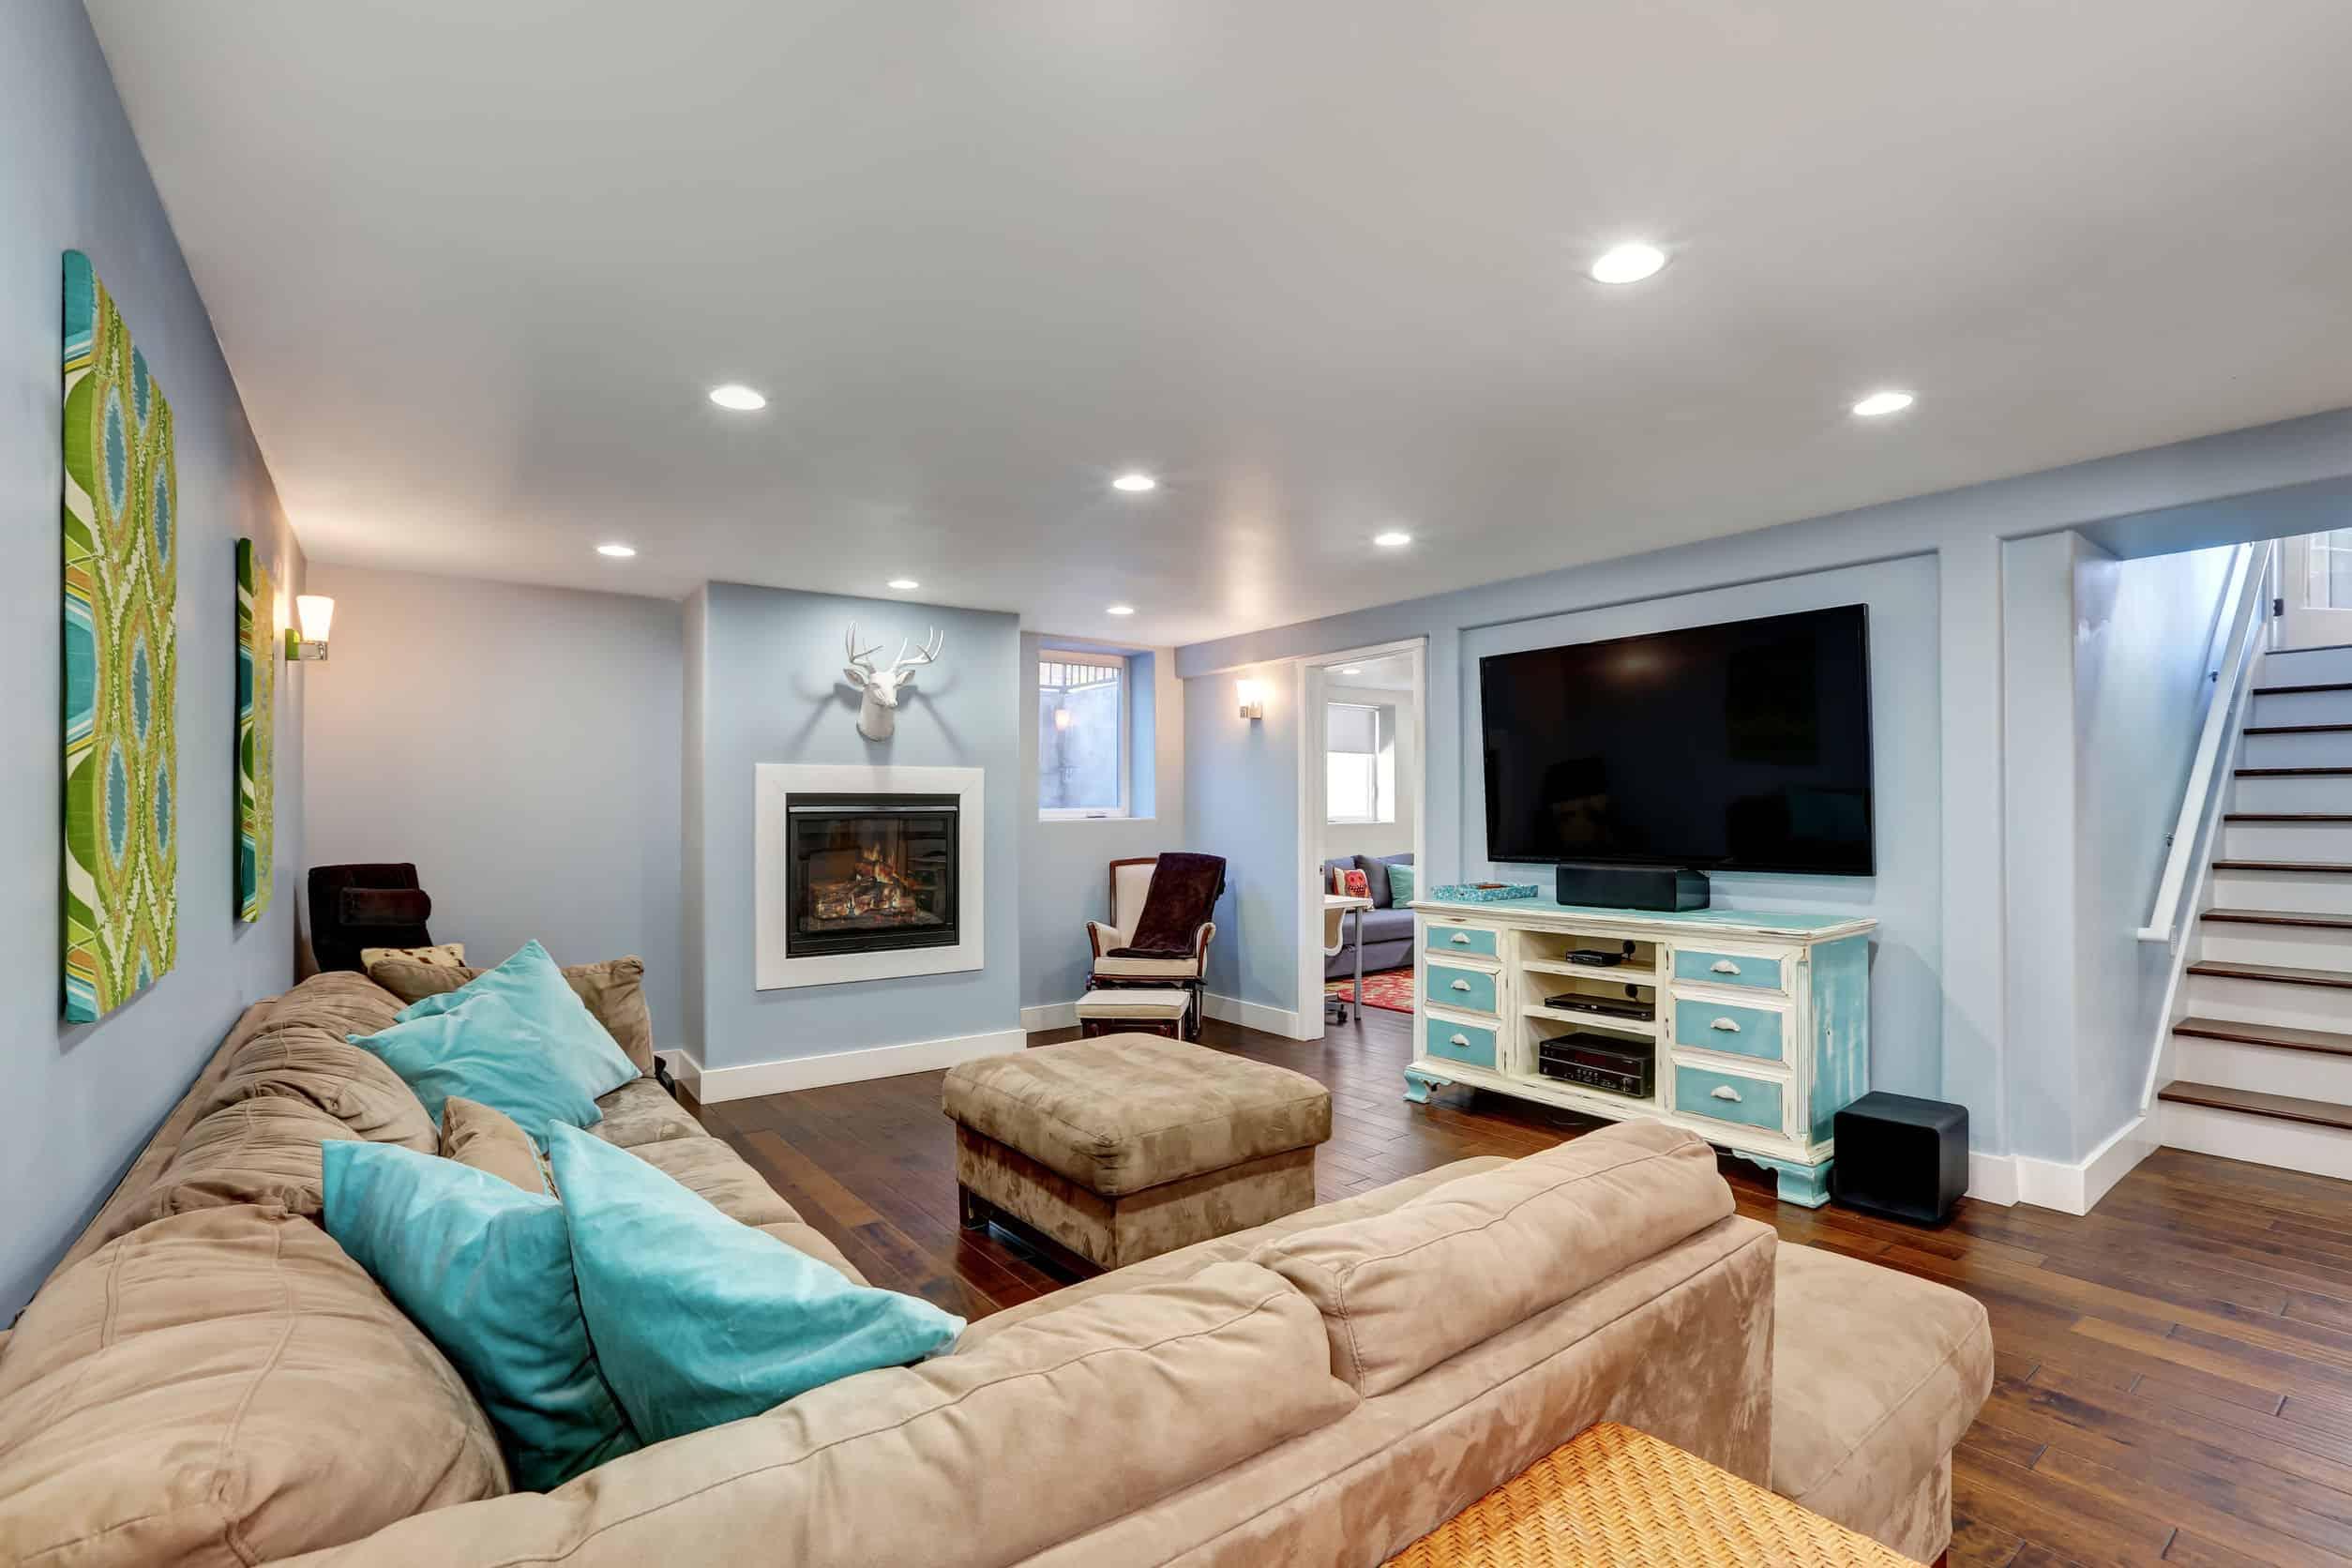 Na foto uma sala de estar com um sofá, lareira, televisão e uma escada ao lado direito.